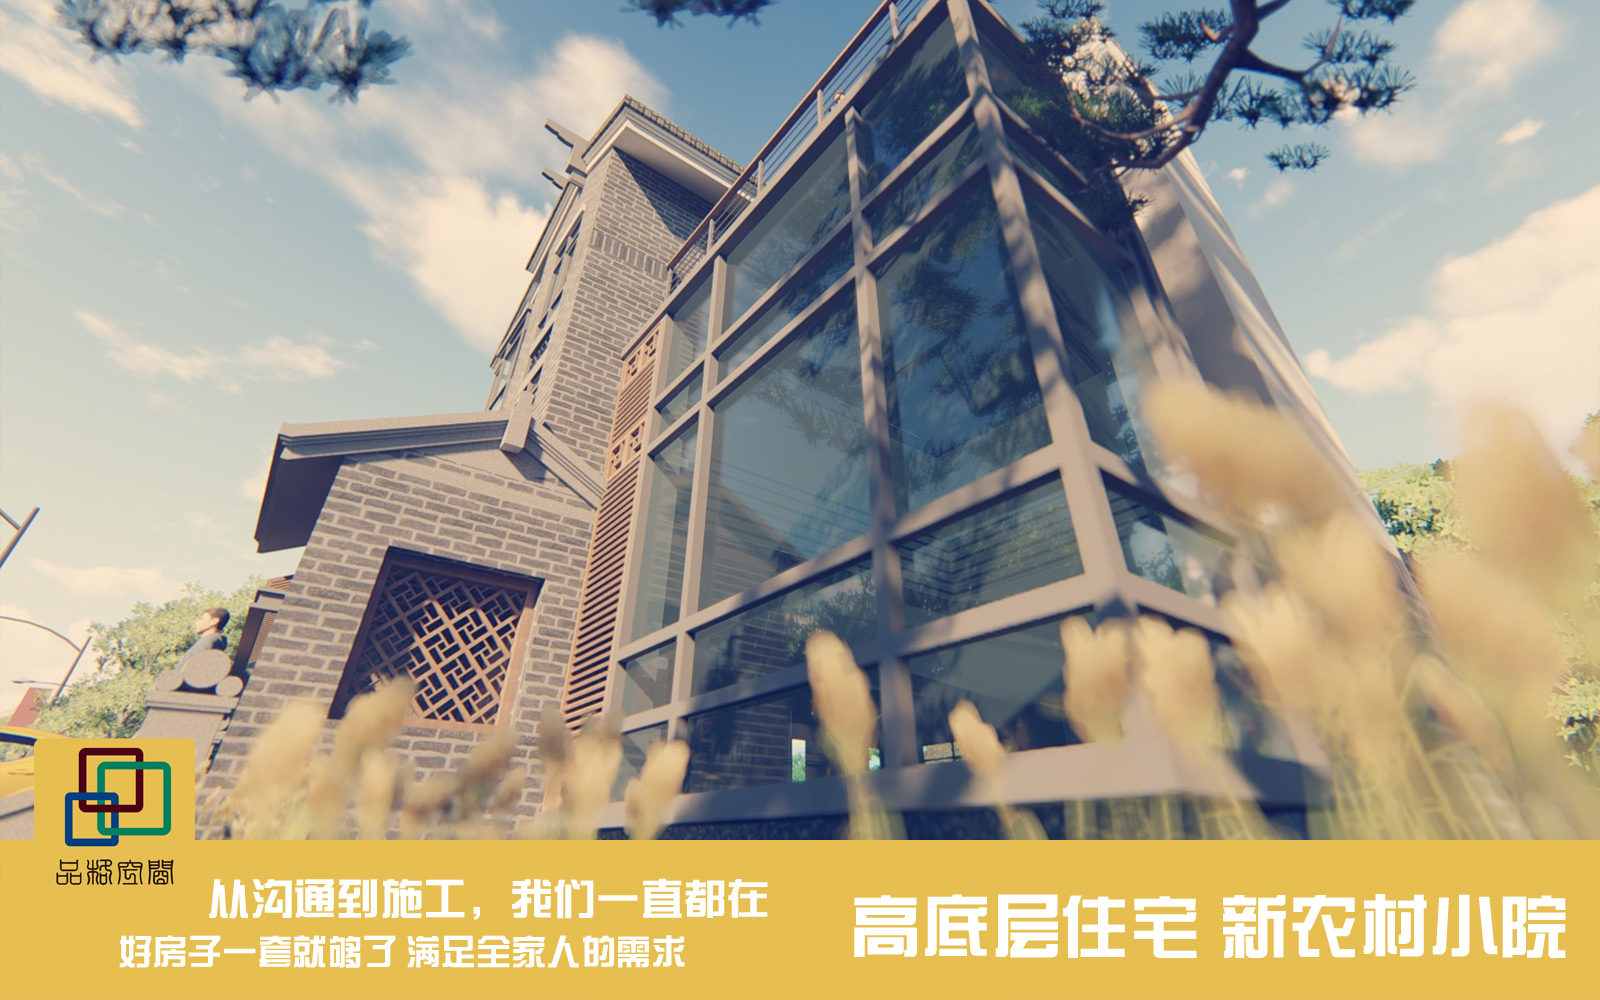 品格空间 新农村住宅 高底层楼房 自建农民房 小型民宿建筑群